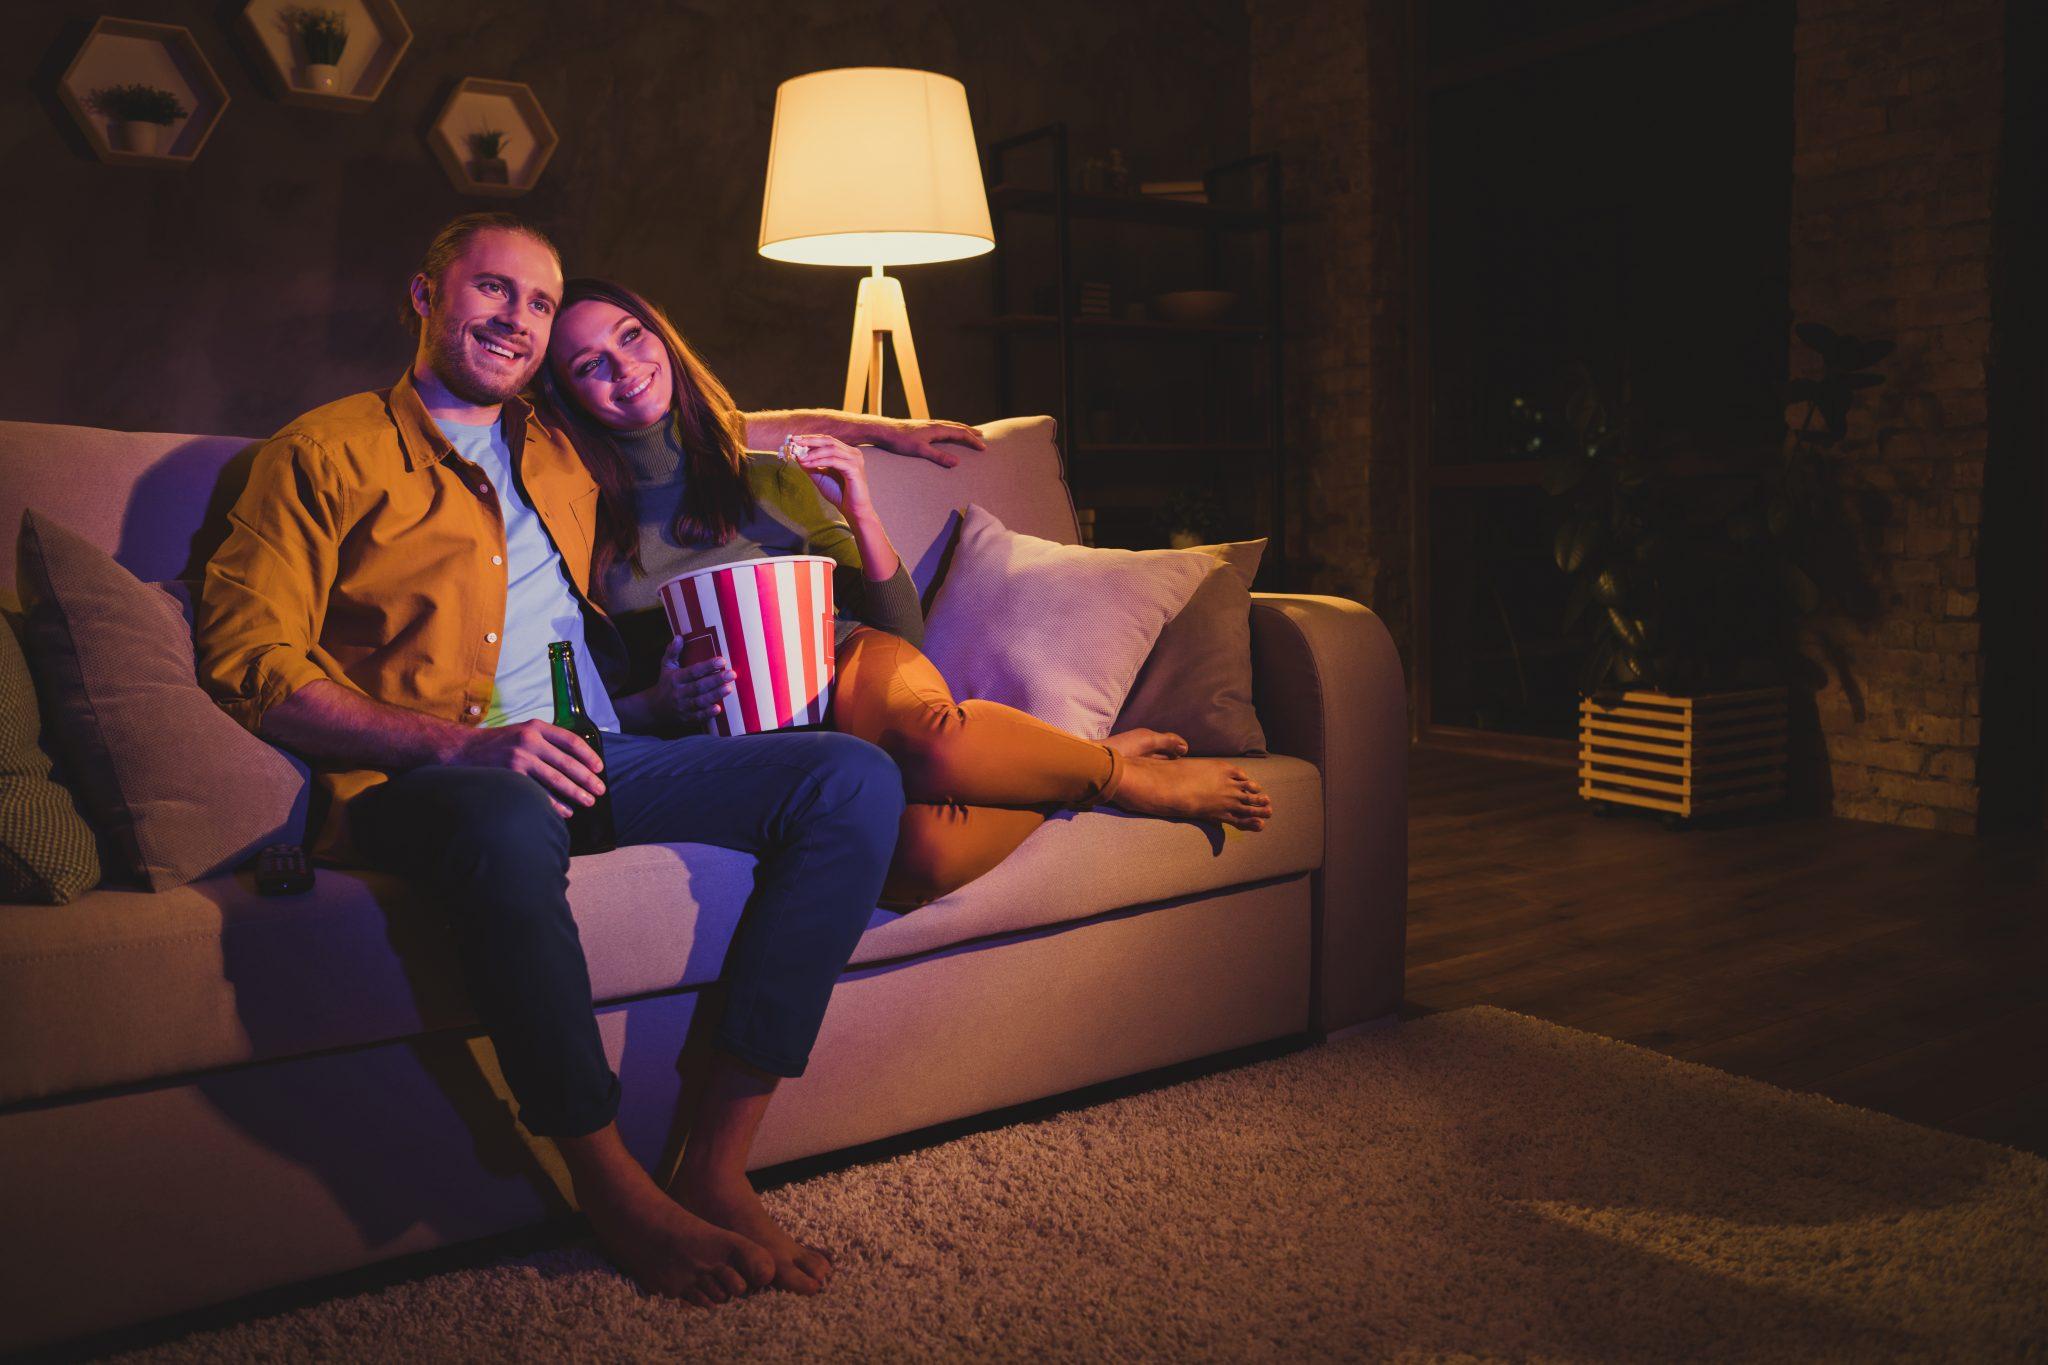 Męskie kino – polecane filmy